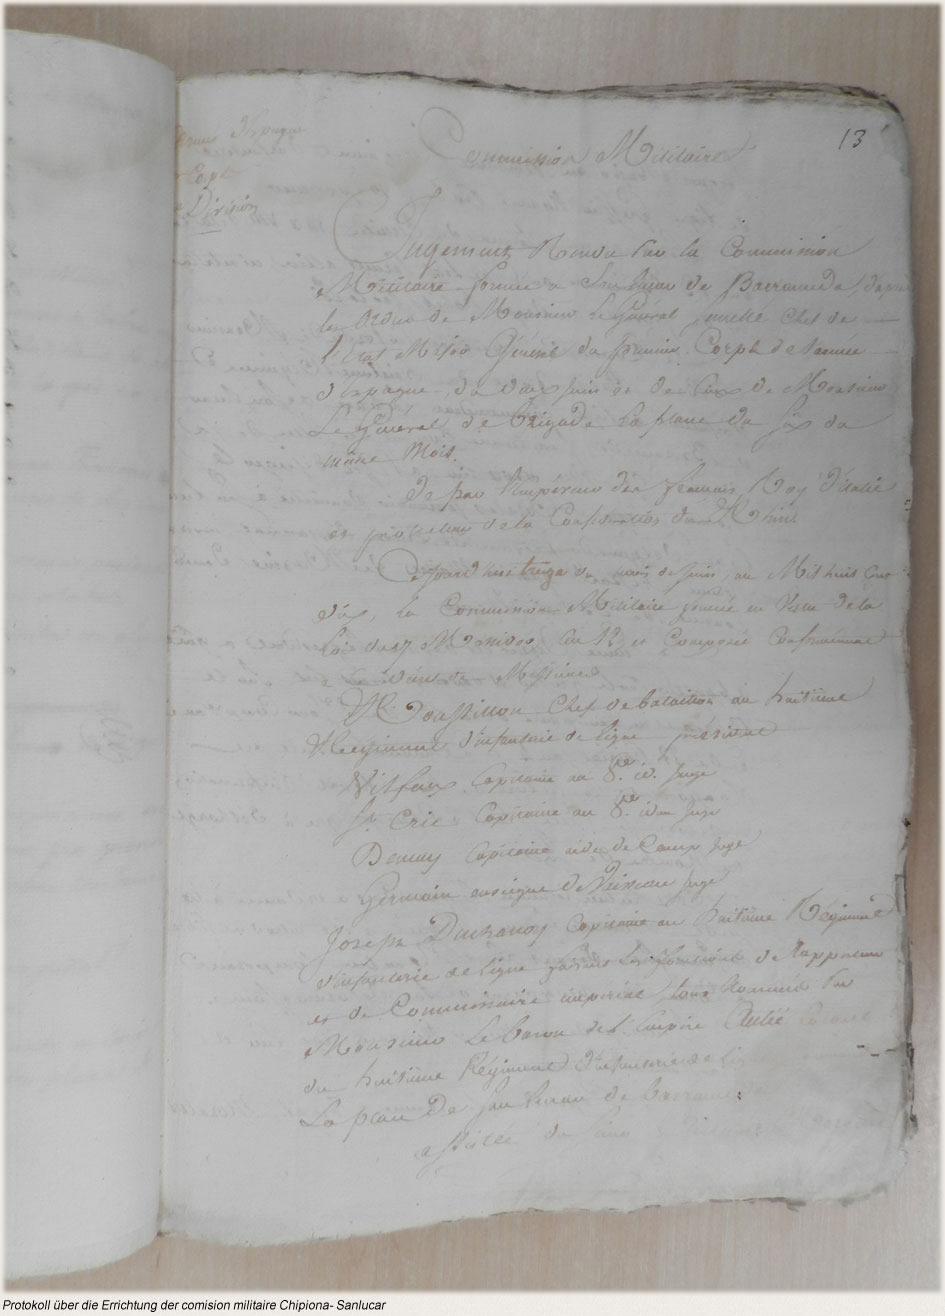 Protokoll über die Errichtung der comision militaire Chipiona- Sanlucar